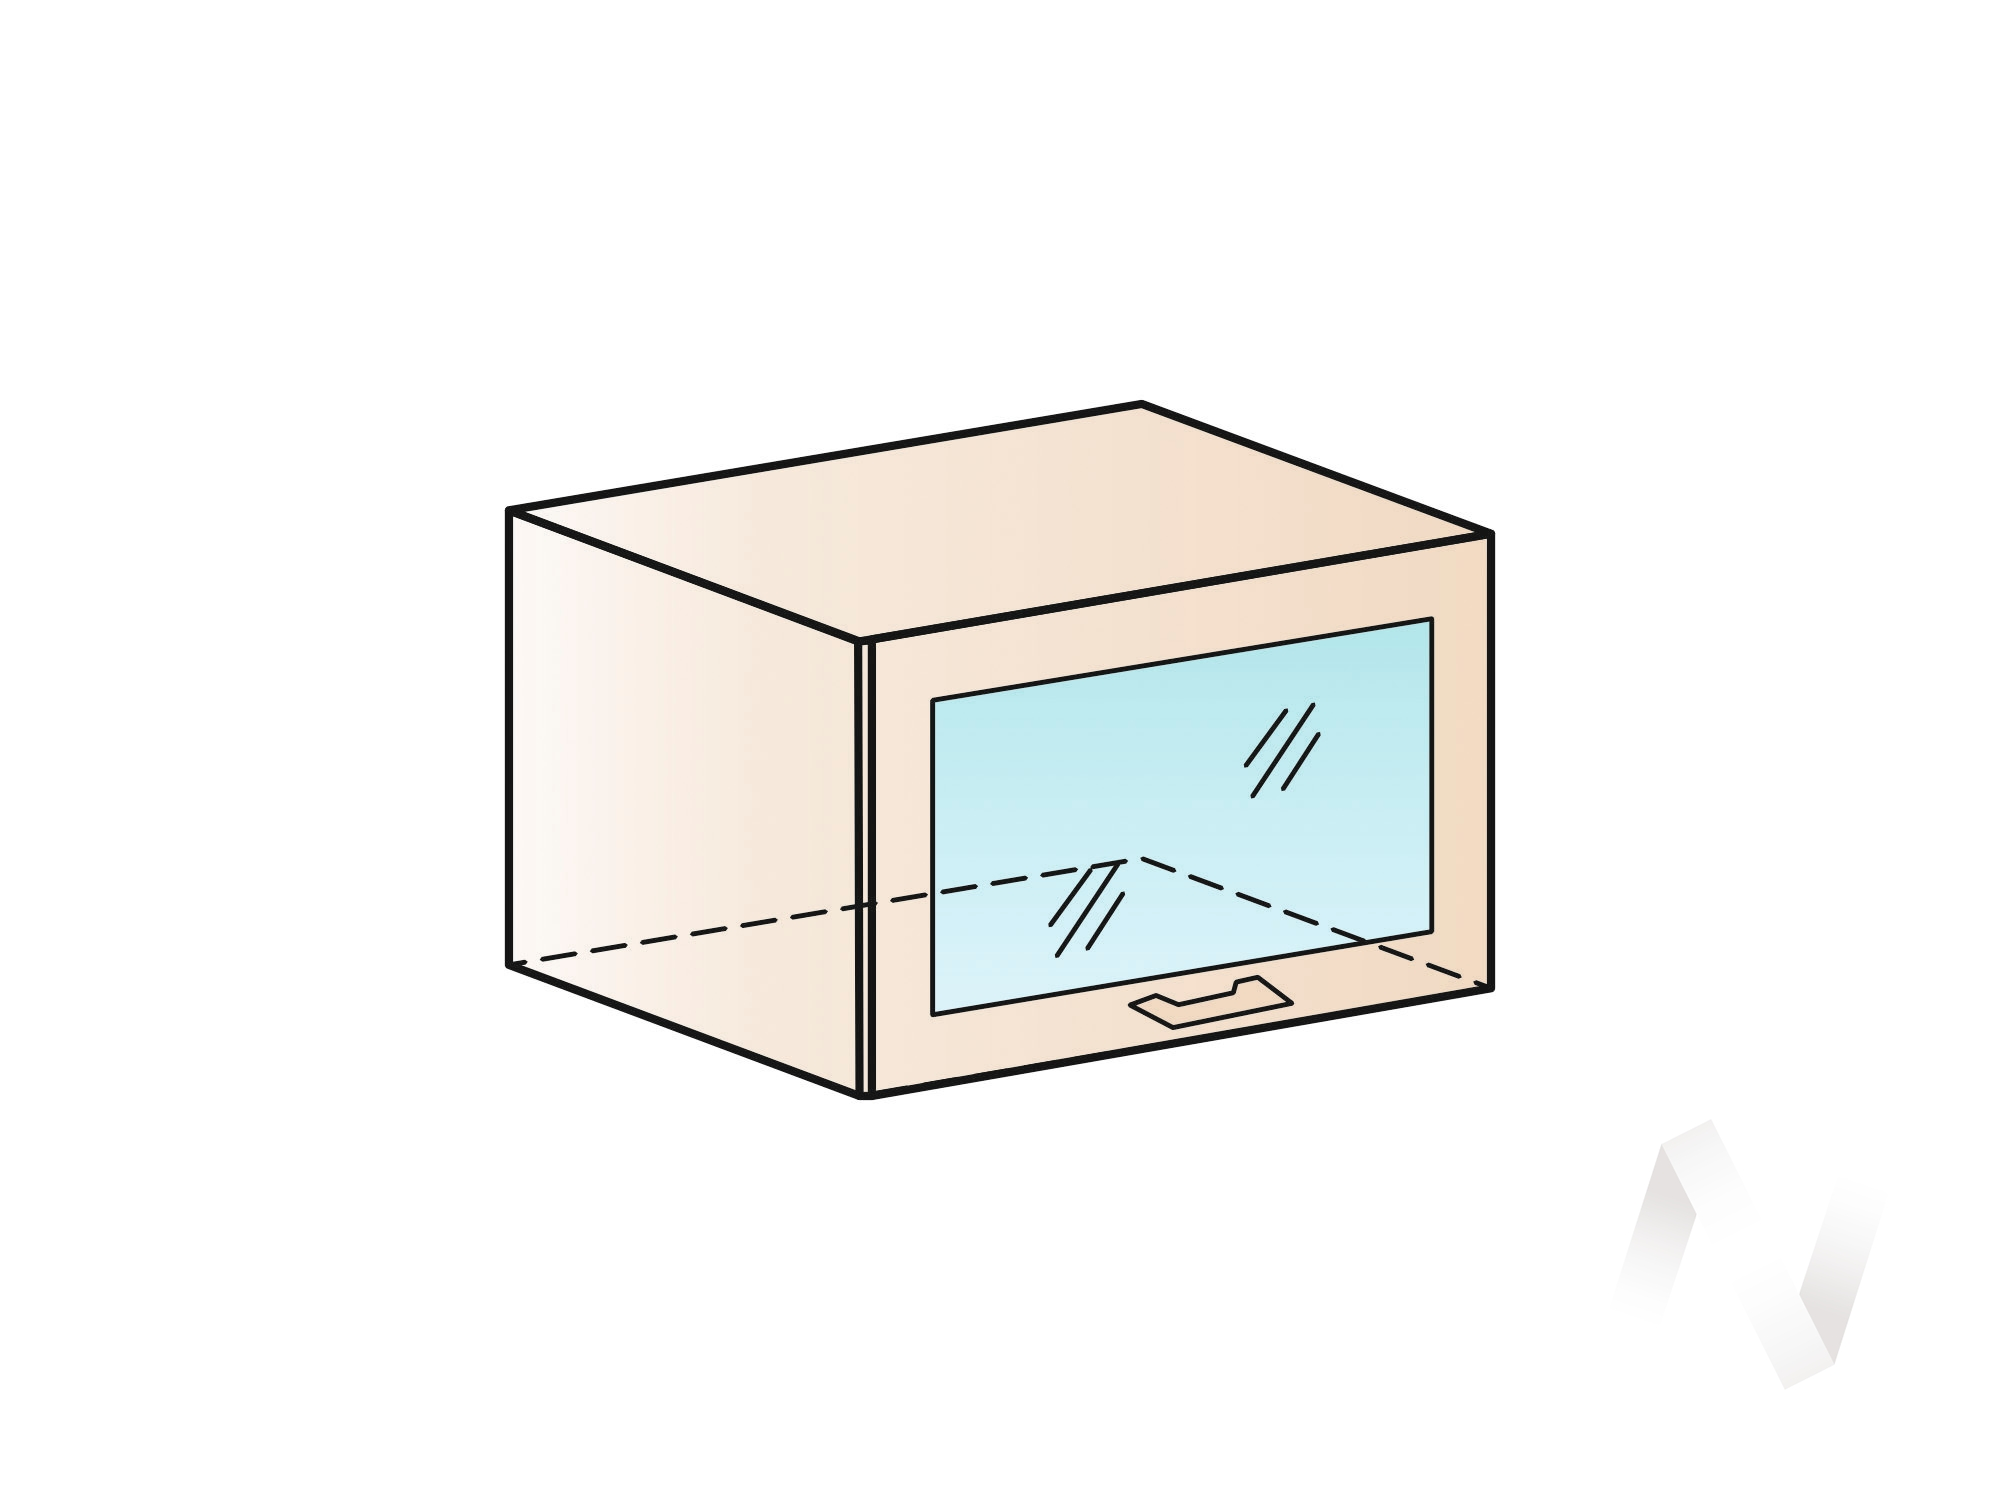 """Купить кухня """"струна"""": шкаф верхний горизонтальный со стеклом 600, швгс 600 (белый металлик/корпус венге) в Новосибирске в интернет-магазине Мебель плюс Техника"""